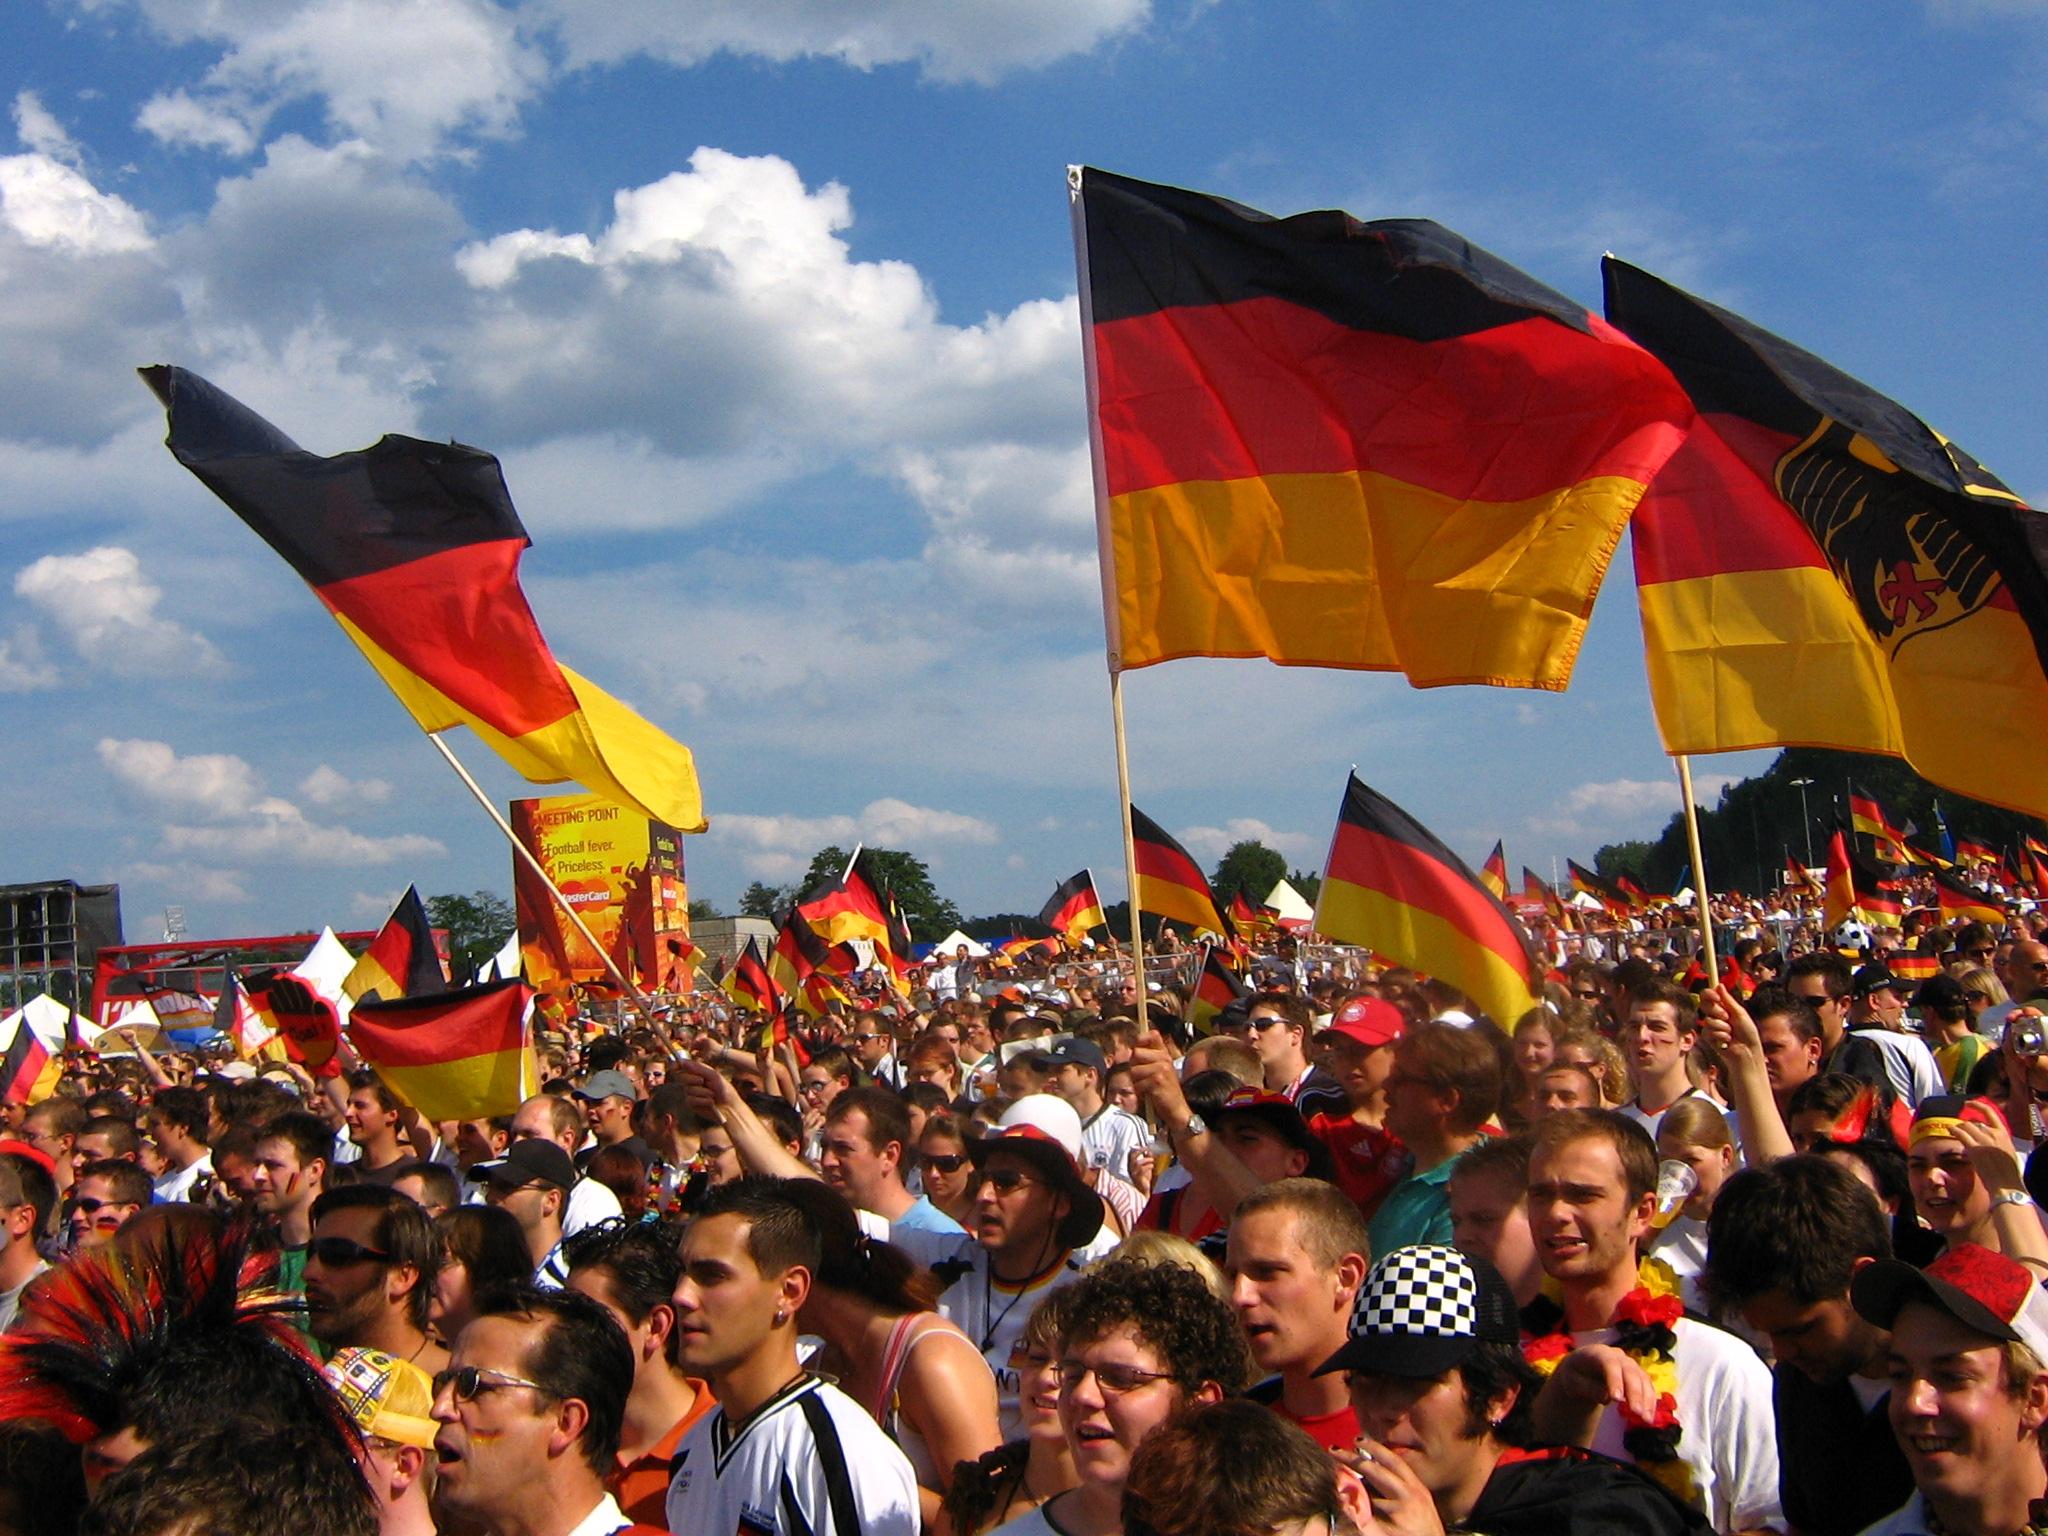 Niemcy: Rekord imigracji. Już co piąty mieszkaniec ma imigranckie pochodzenie